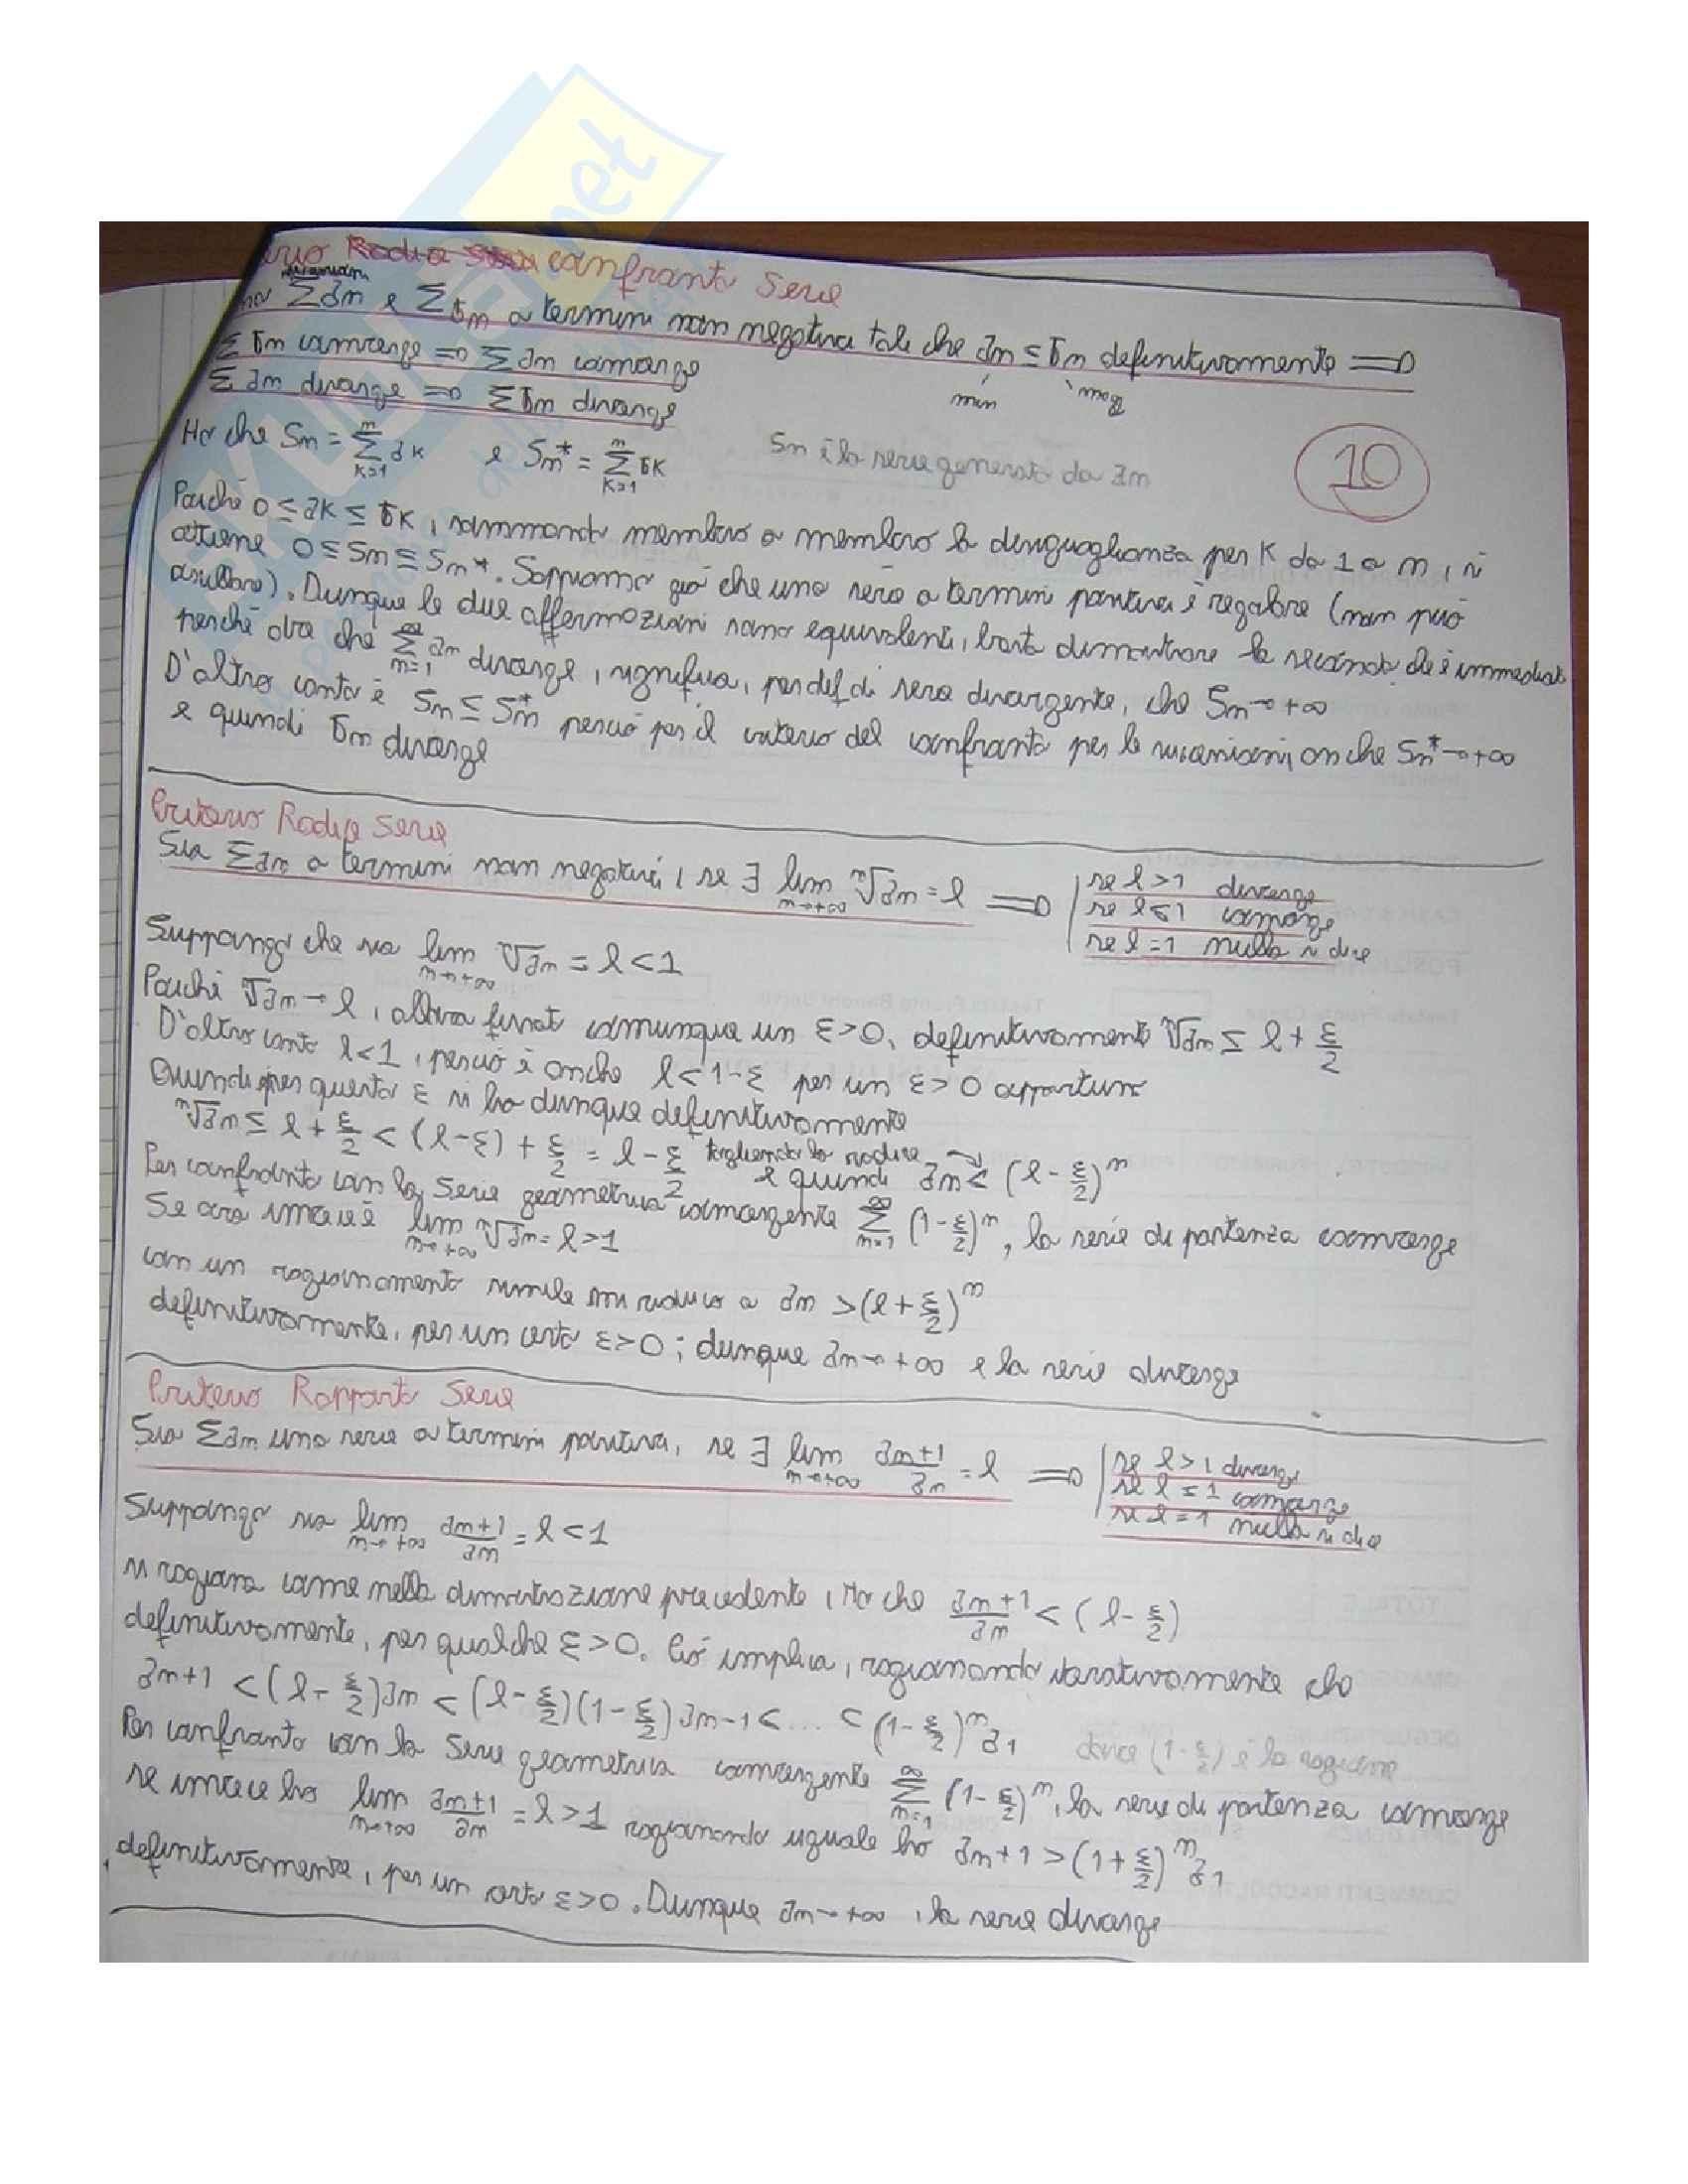 Analisi 1 teoria riassunti  teoremi e dimostrazioni Pag. 111